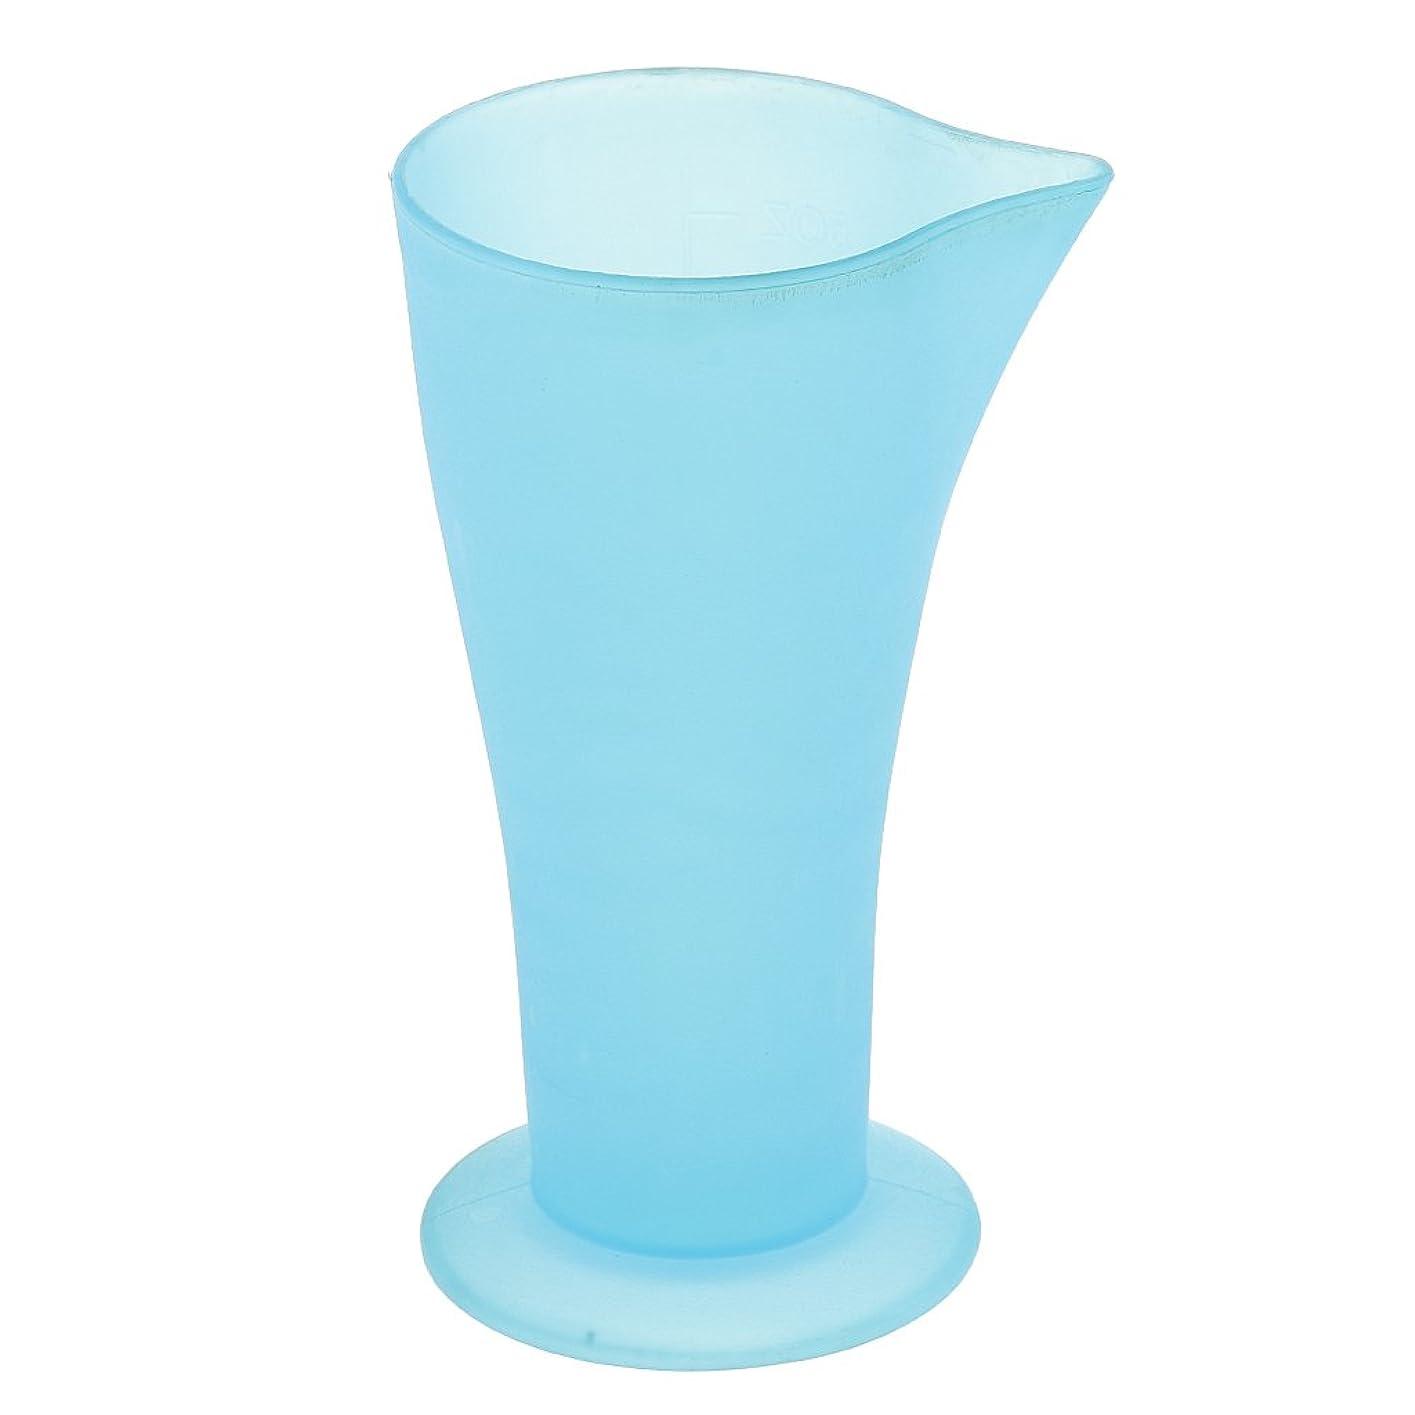 うま半球スイSONONIA ヘアダイ容器 計量カップ 白髪染め ヘアカラー おしゃれ染め プラスチック 髪の色合い 色の混合用 再使用可能 ブルー